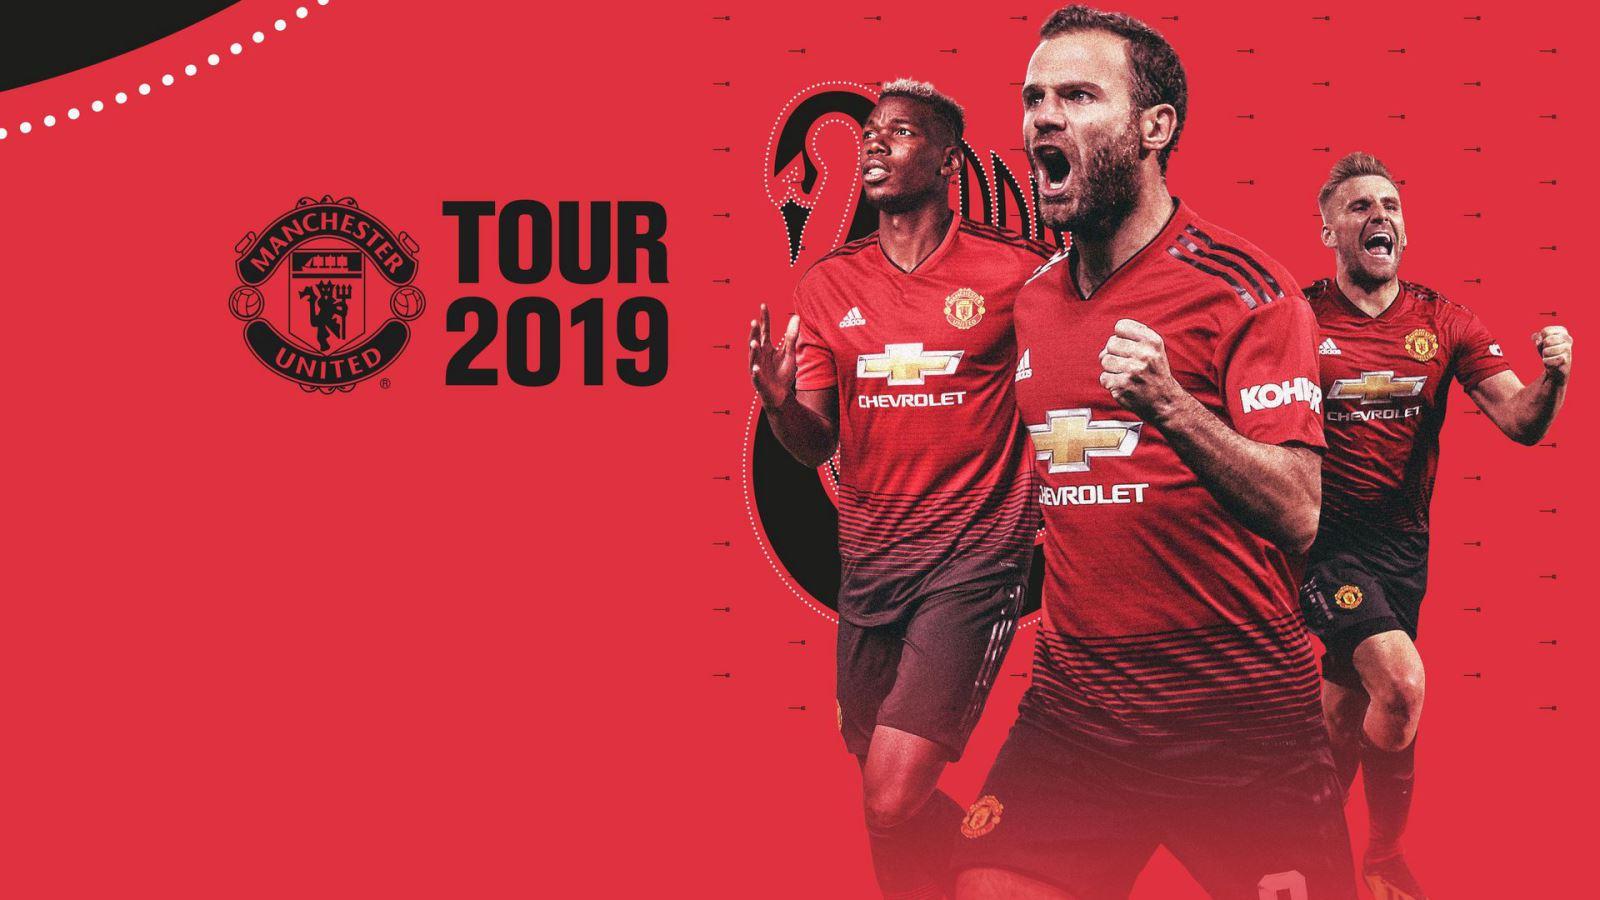 MU, mu, manchester united, lịch du đấu Hè 2019 của MU, lịch thi đấu của MU, lịch thi đấu bóng đá, lịch thi đấu MU, lịch du đấu mùa hè của các CLB châu Âu